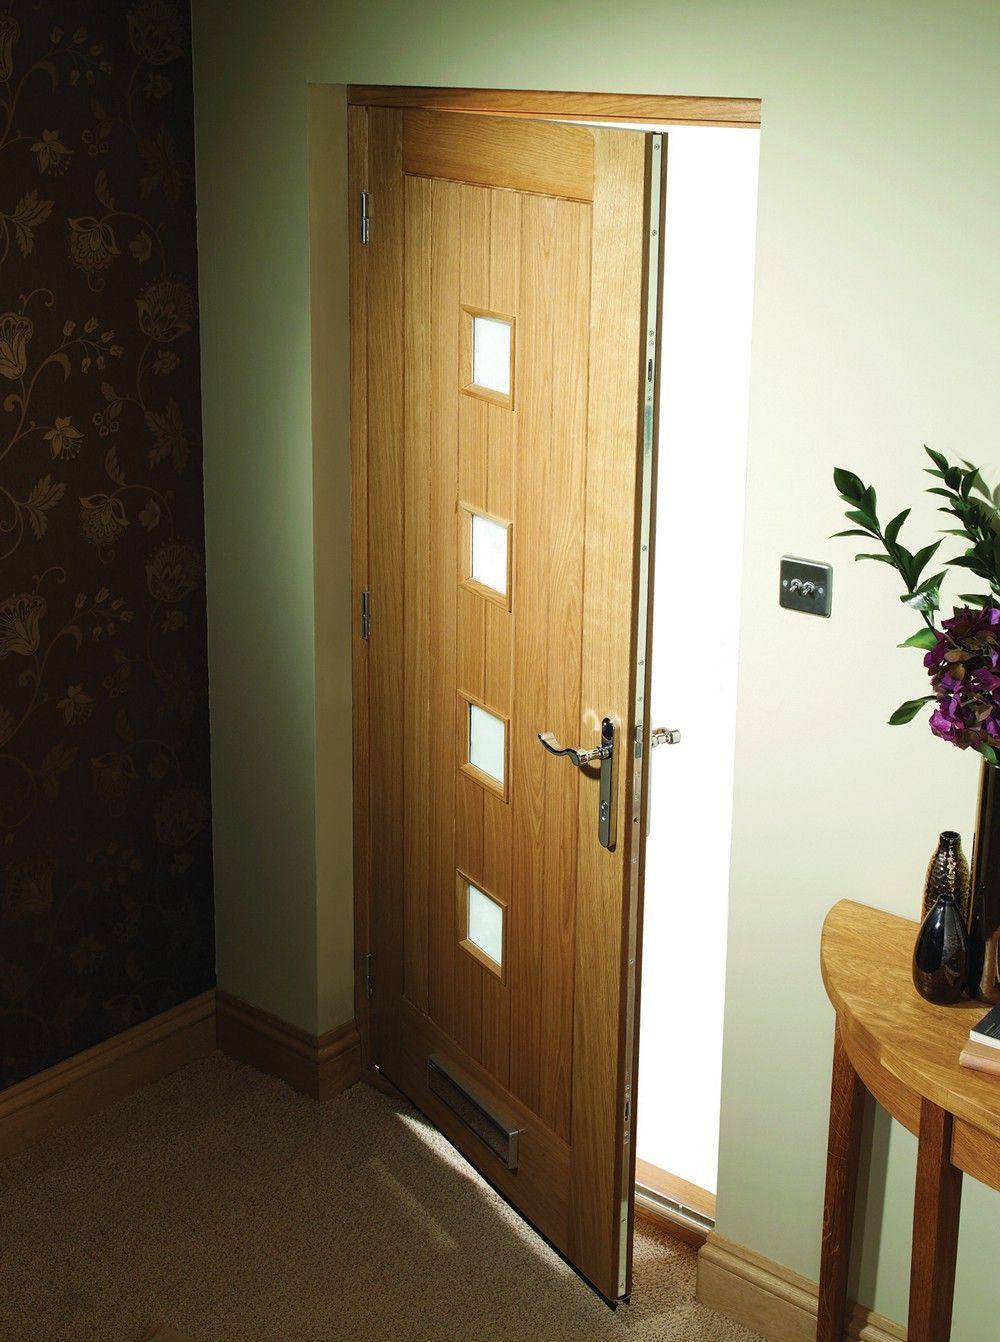 XL   MTOSIE30DG External Oak Mu0026T Double Glazed Siena With Obscure Glass   External  Doors